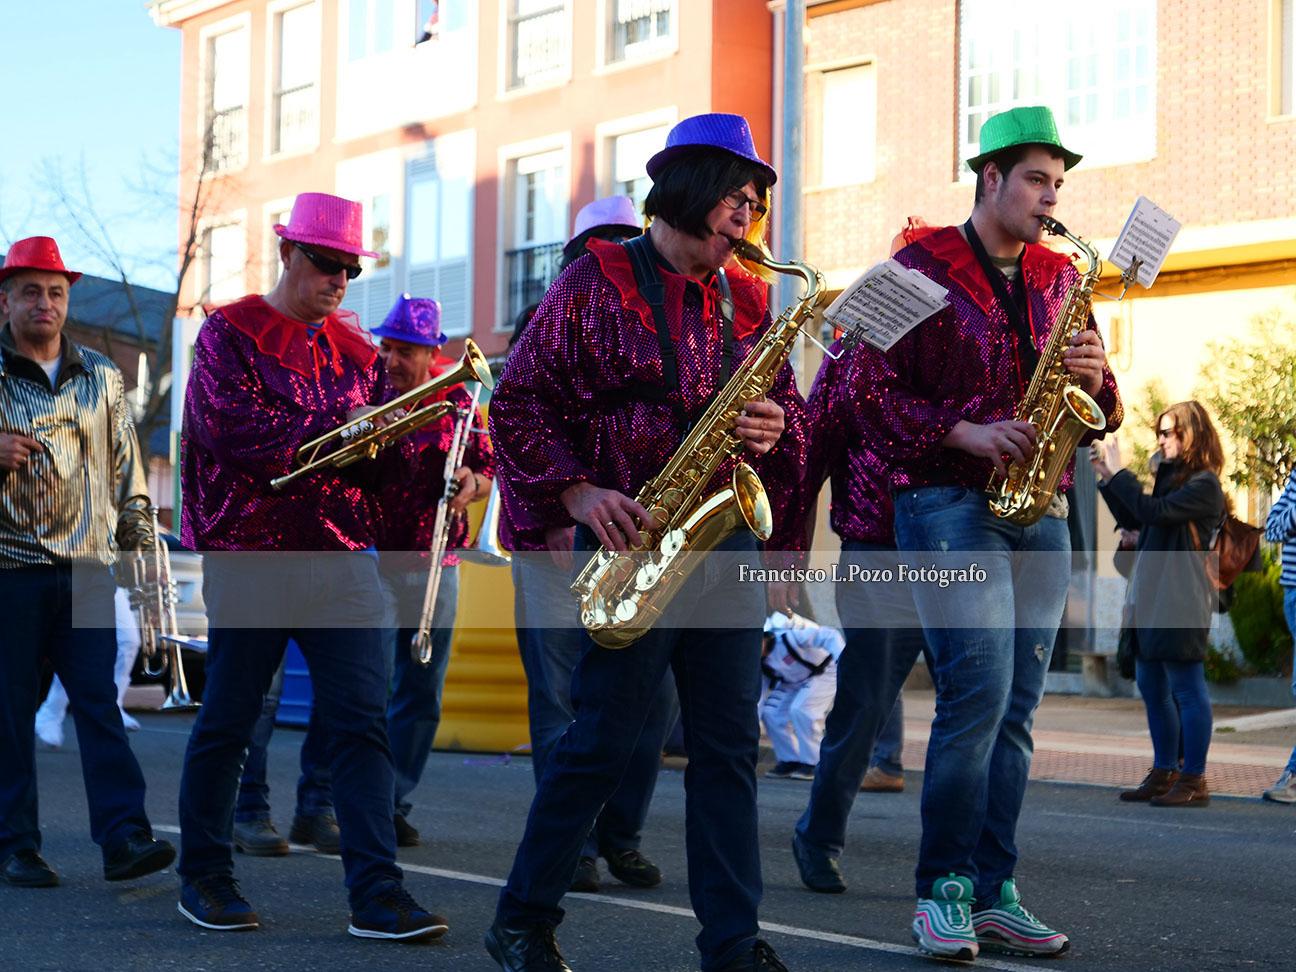 Carnaval 2020: Camponaraya sale a la calle a ritmo de comparsa 41